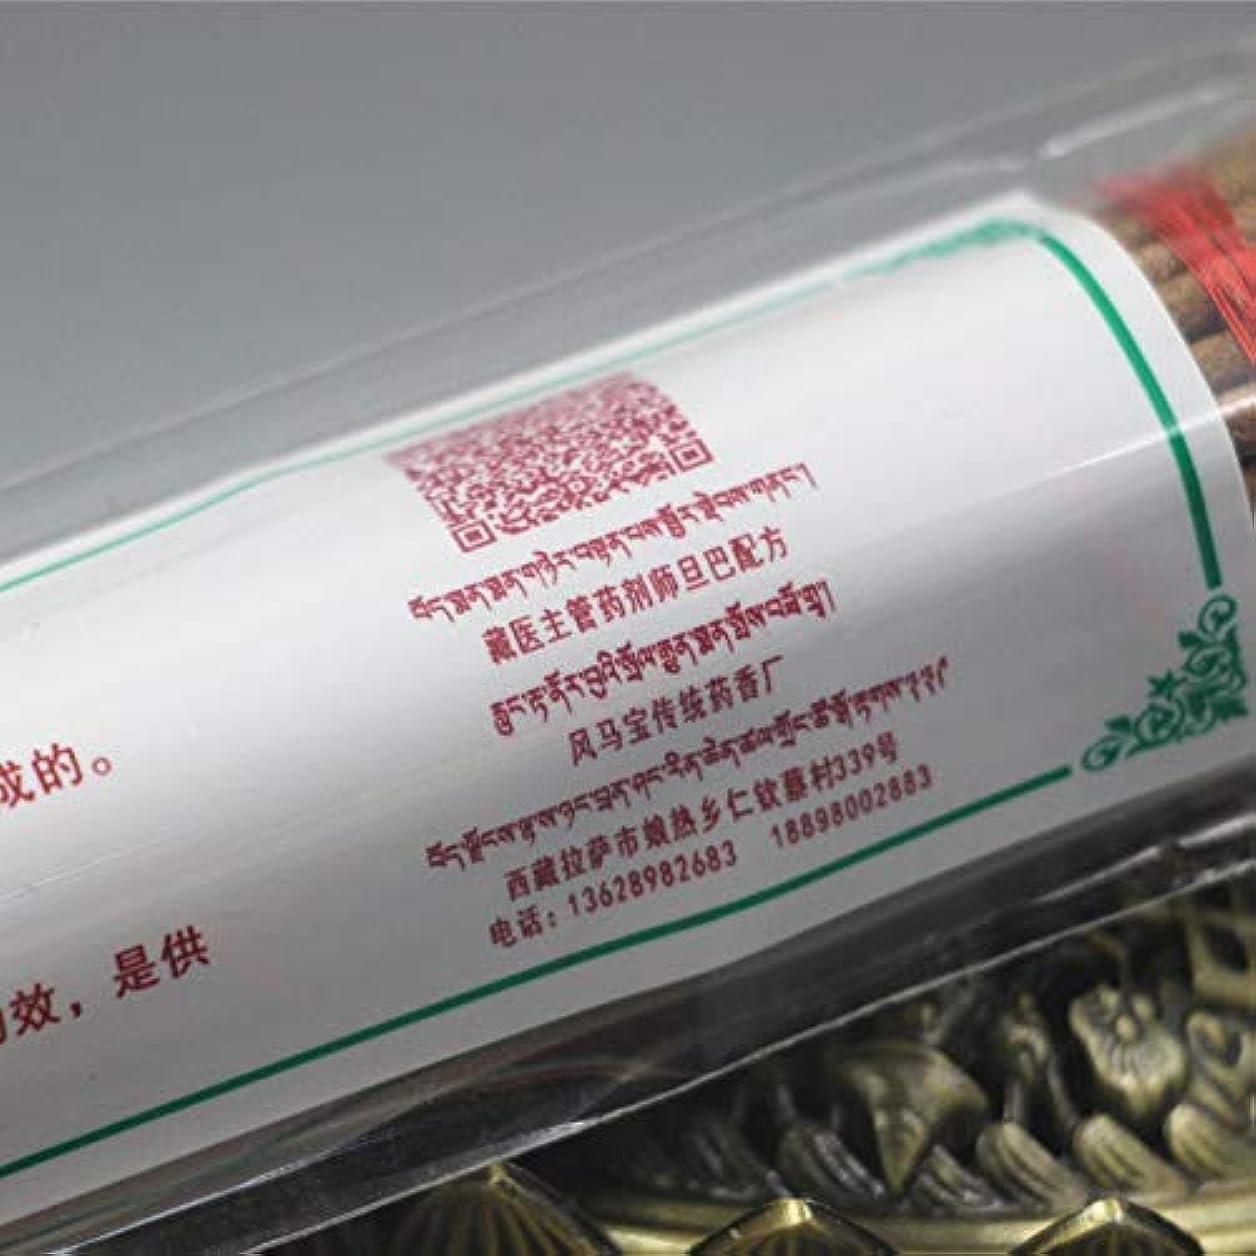 過半数仮定するええDiatems - 沈香の宝物チベットのお香チベット手作りの純粋な植物自然医学の香りの家の38人のフレーバーがスリープアロマ香の助けを落ち着かせます